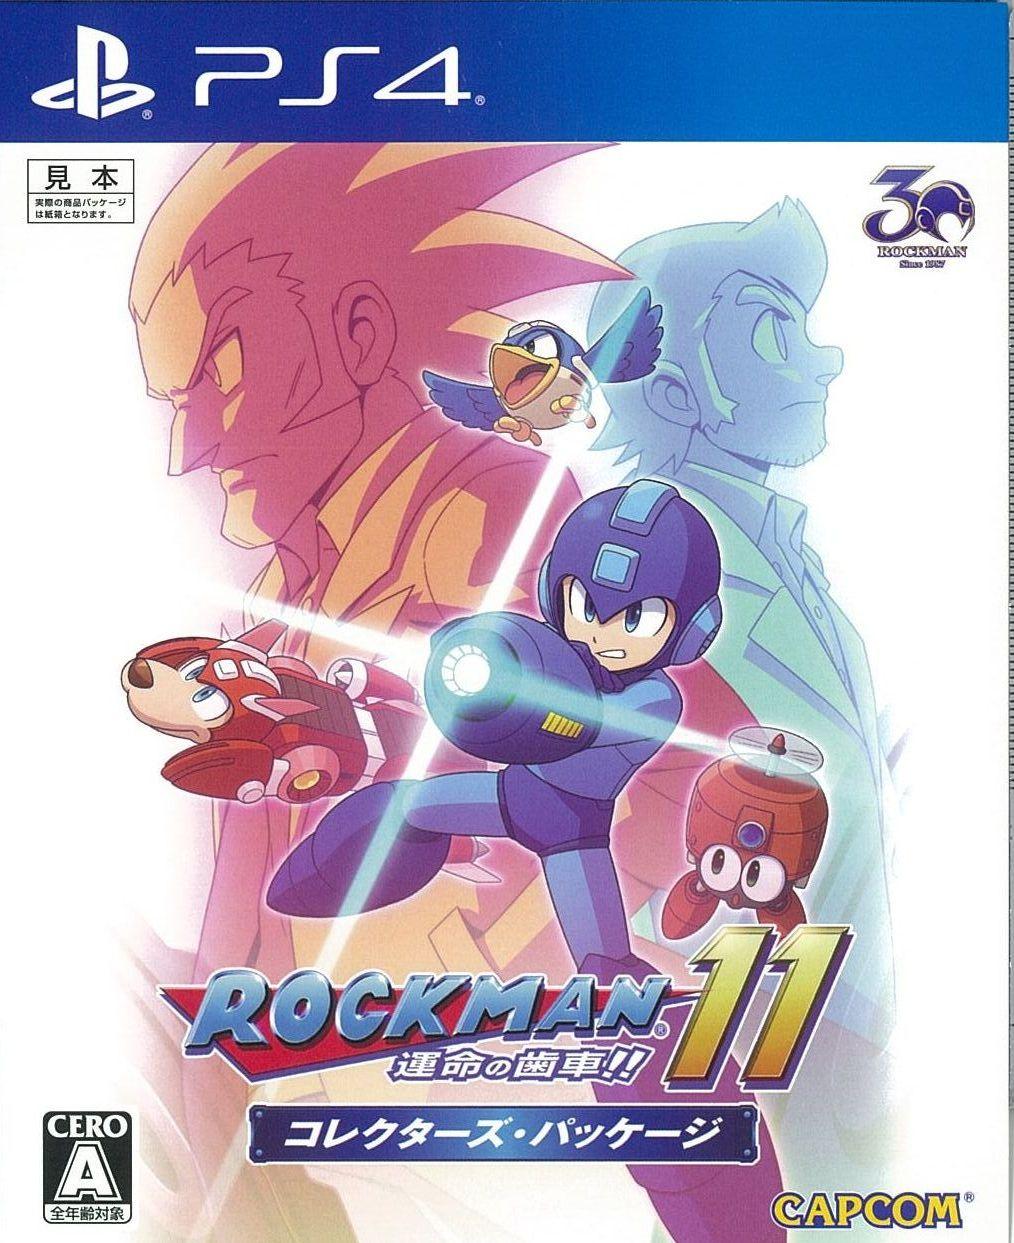 ロックマン11 運命の歯車!! コレクターズ・パッケージ [PS4版]